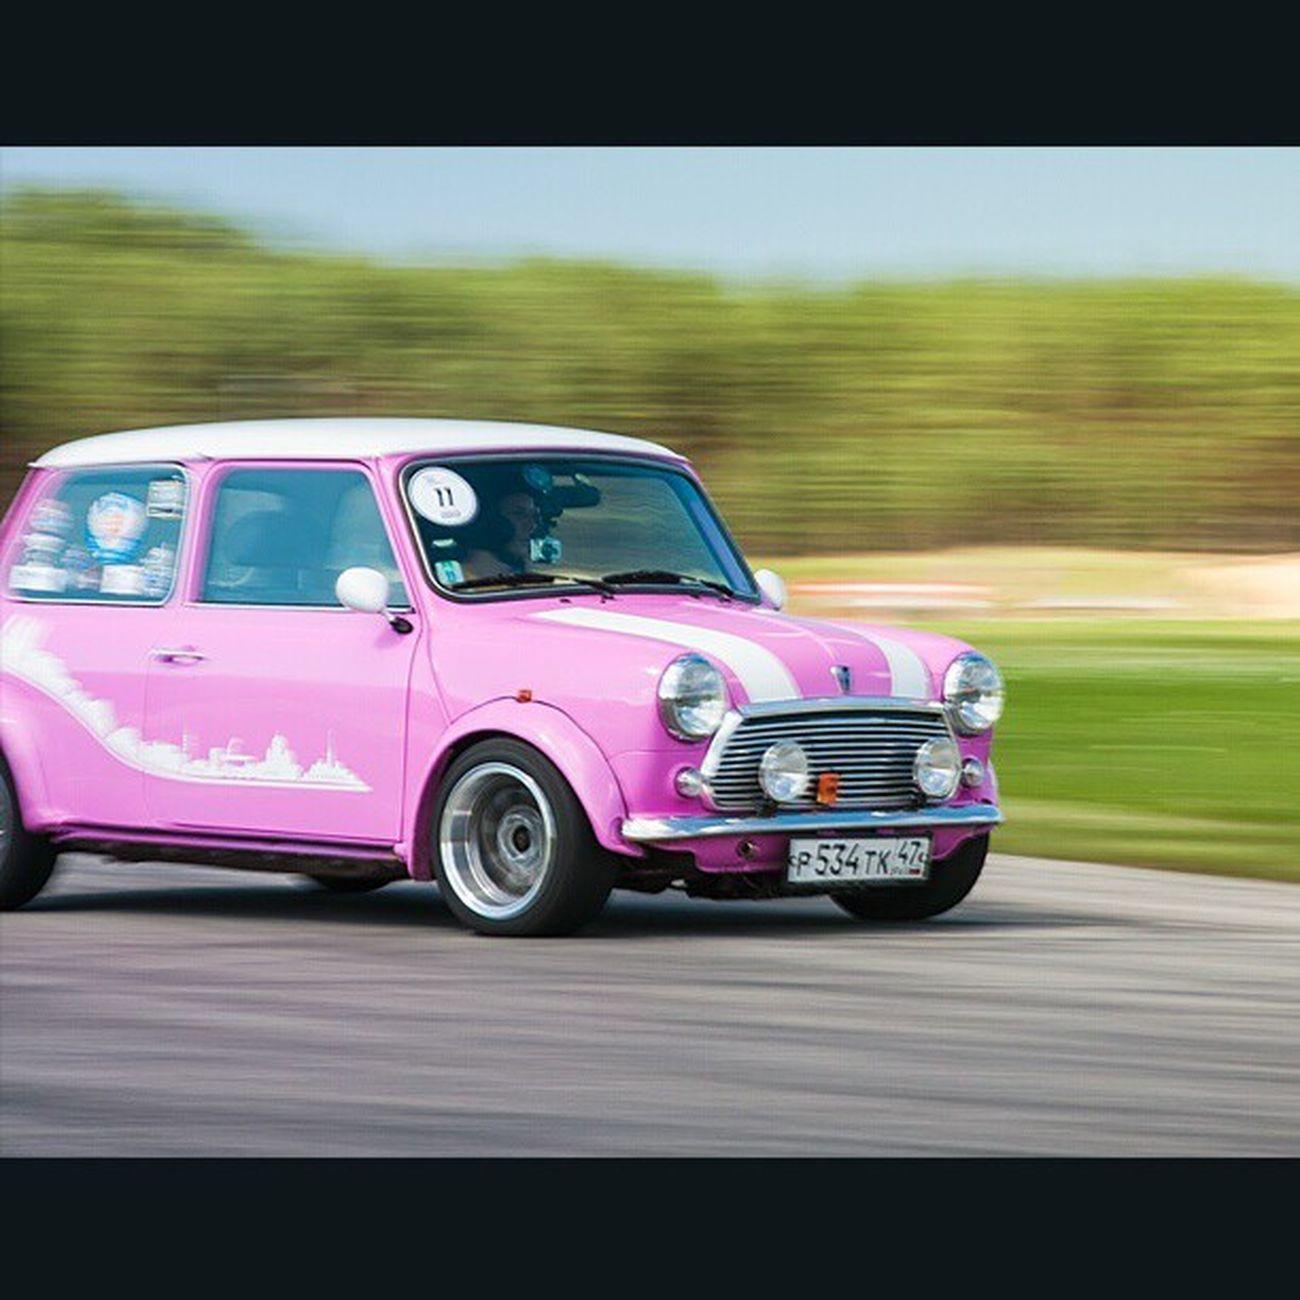 Classic mini on a track | Mini Minipeople Miniclassic Bmch bmch2013 race track